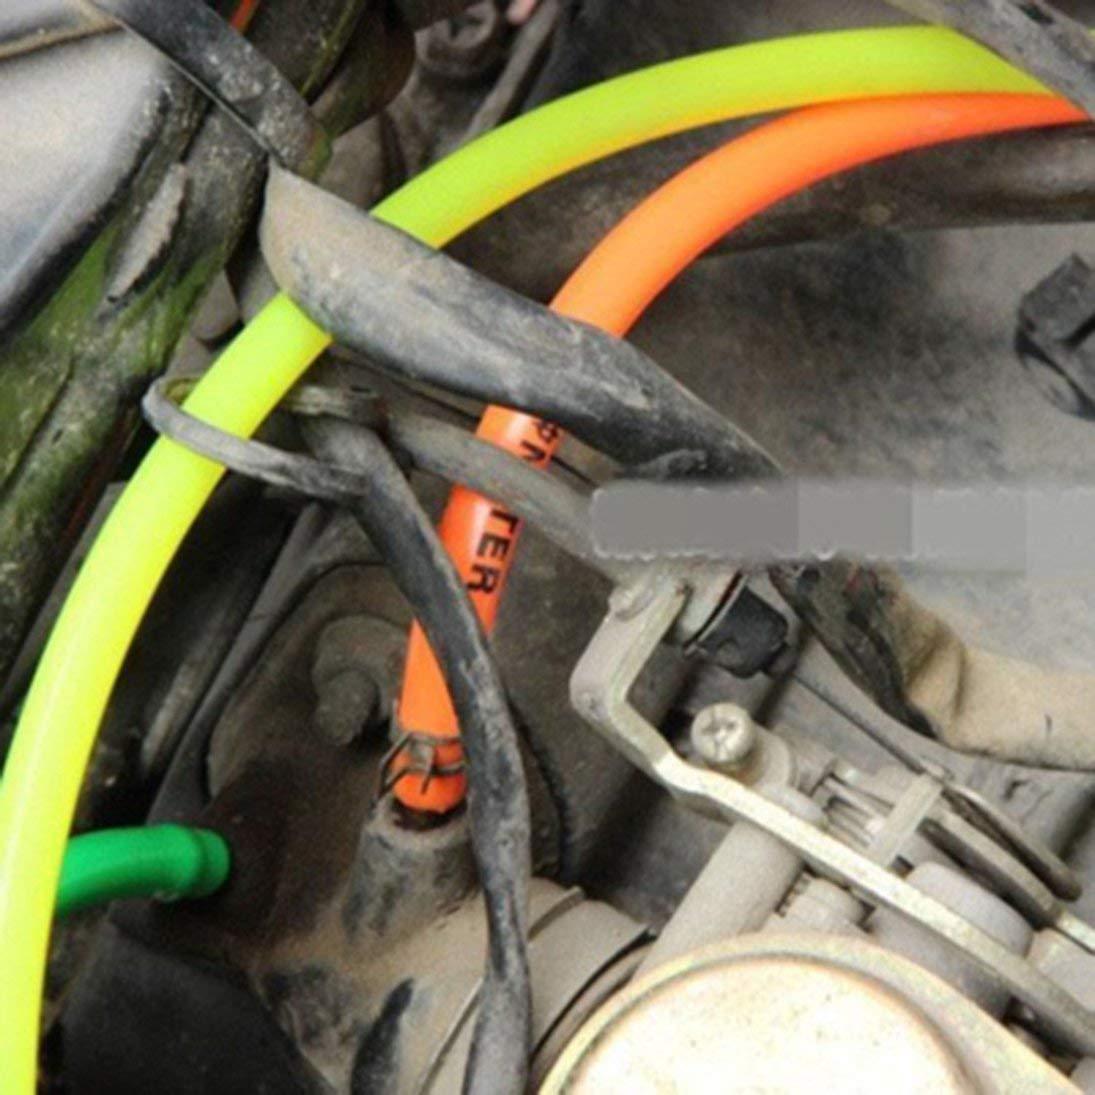 4 pcs 1.8 m conduite de carburant tuyau de lubrifiant tuyauterie pour canalisation de tron/çonneuse weedeater moteurs kit de remplacement de tuyau de conduite dessence ToGames-FR